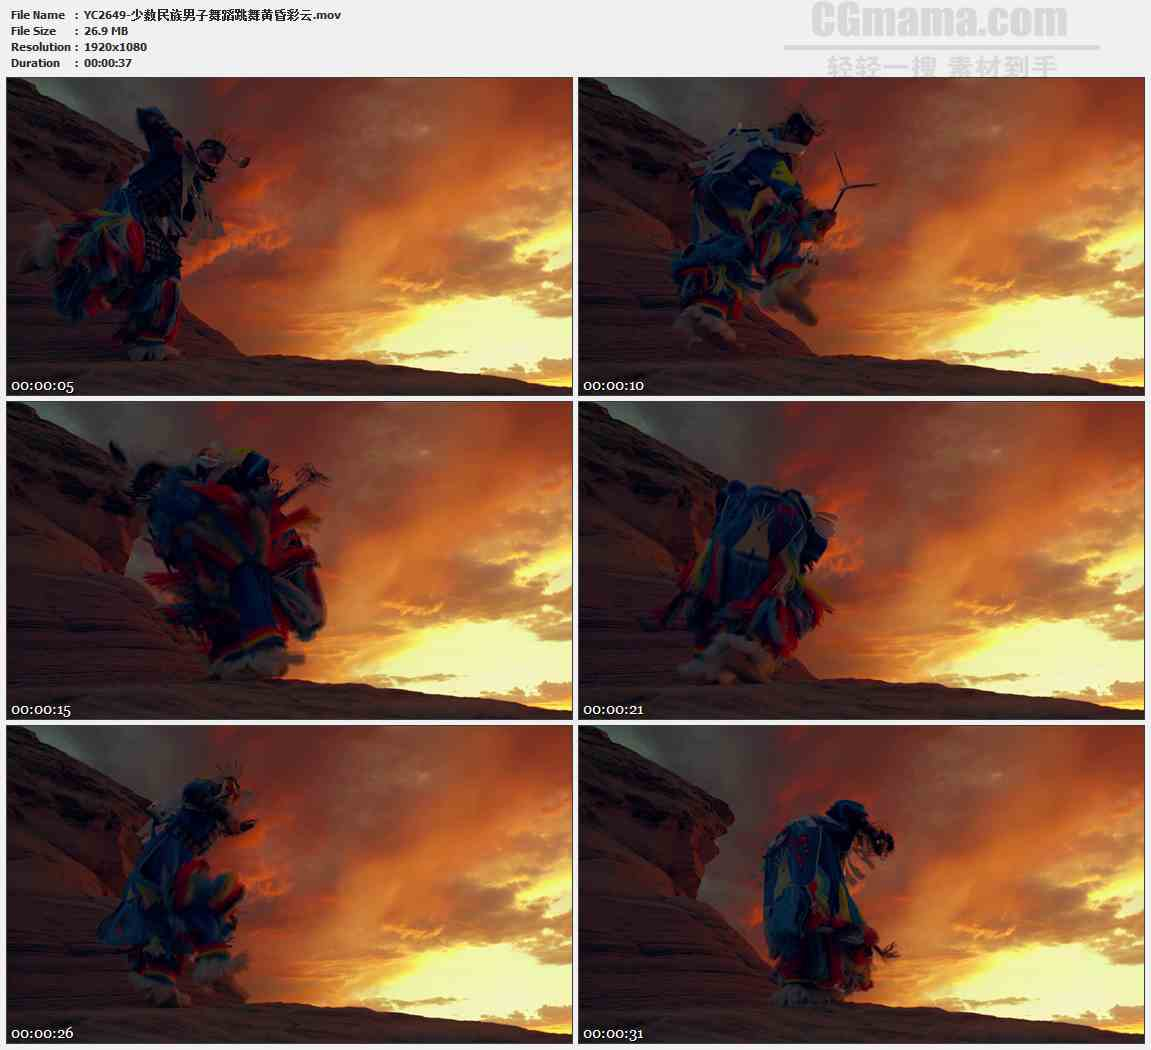 YC2649-少数民族男子舞蹈跳舞黄昏彩云高清实拍视频素材